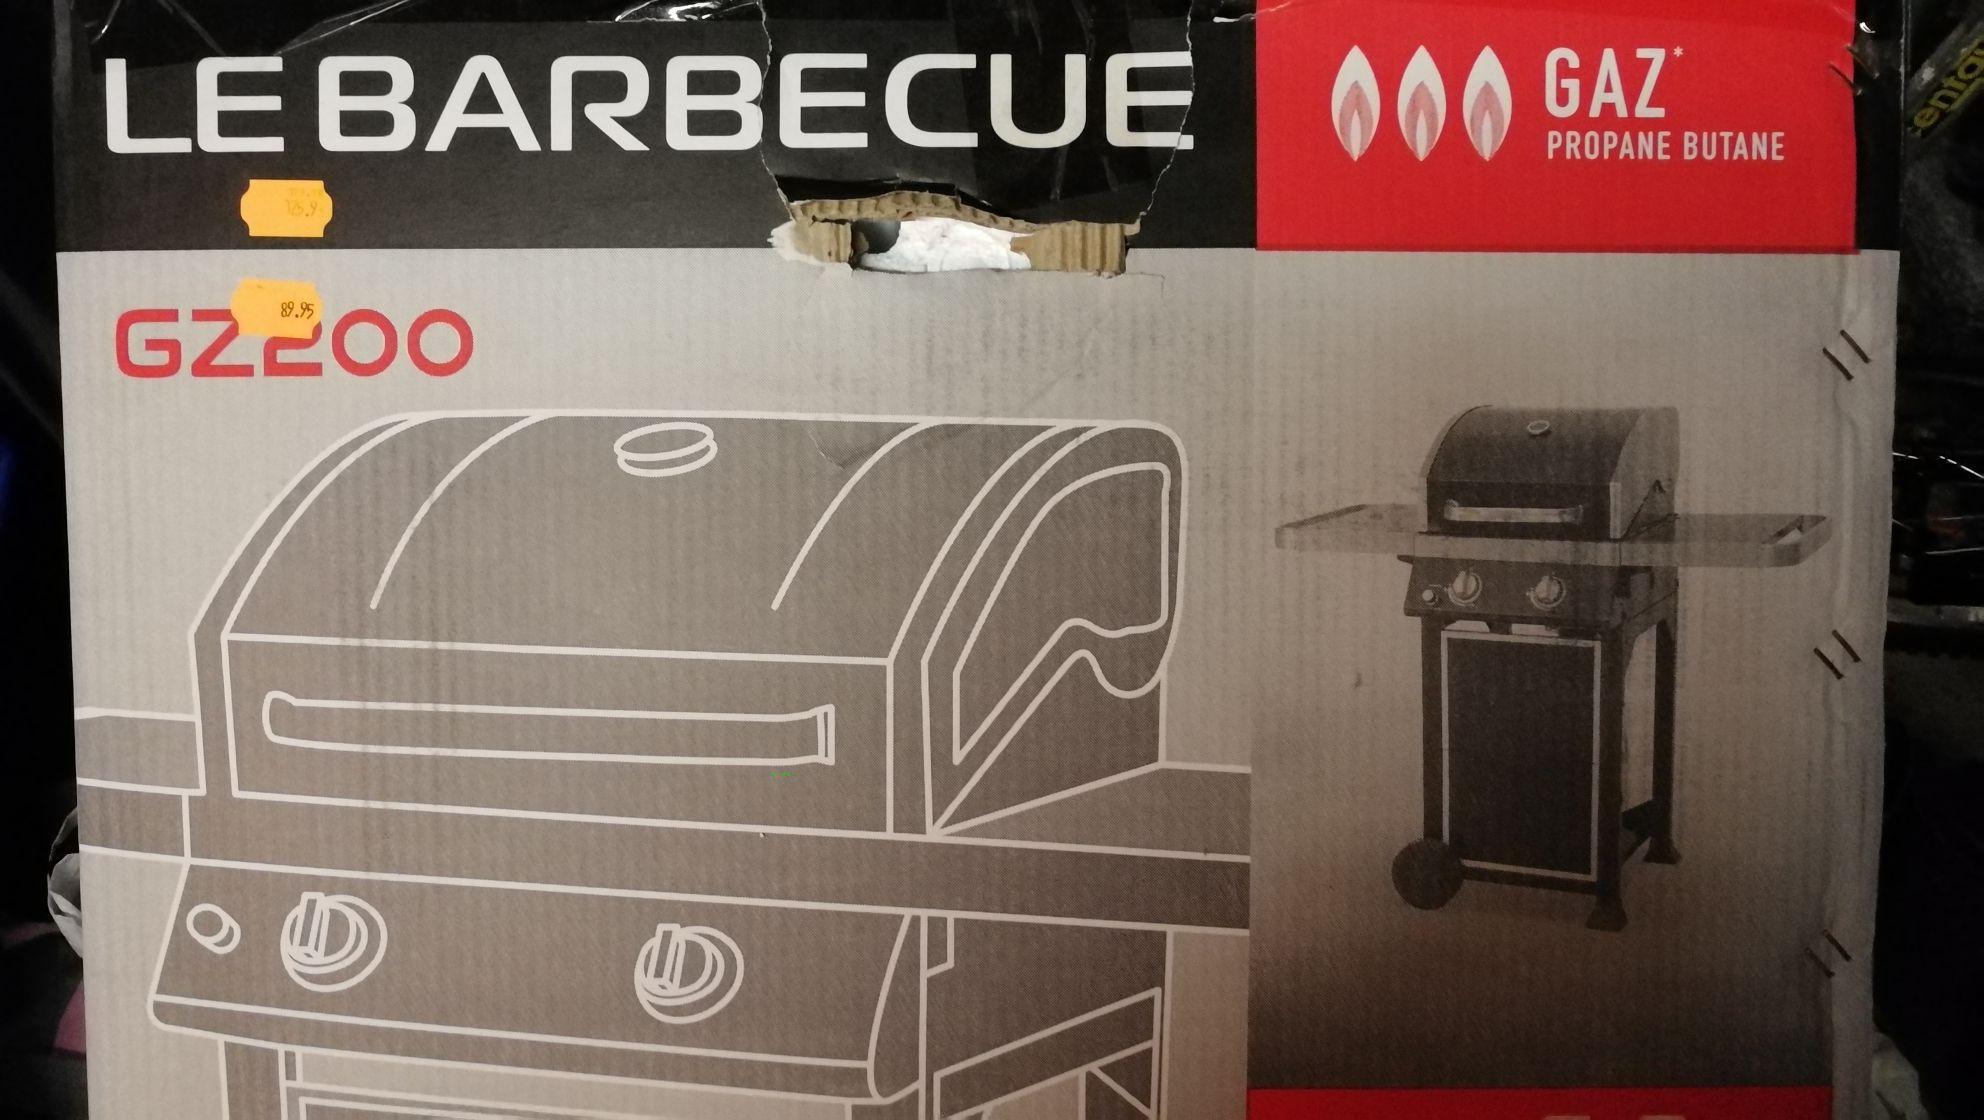 Barbecue à gaz Le Barbecue - 2 Bruieurs, Carrefour Isle Adam (95)